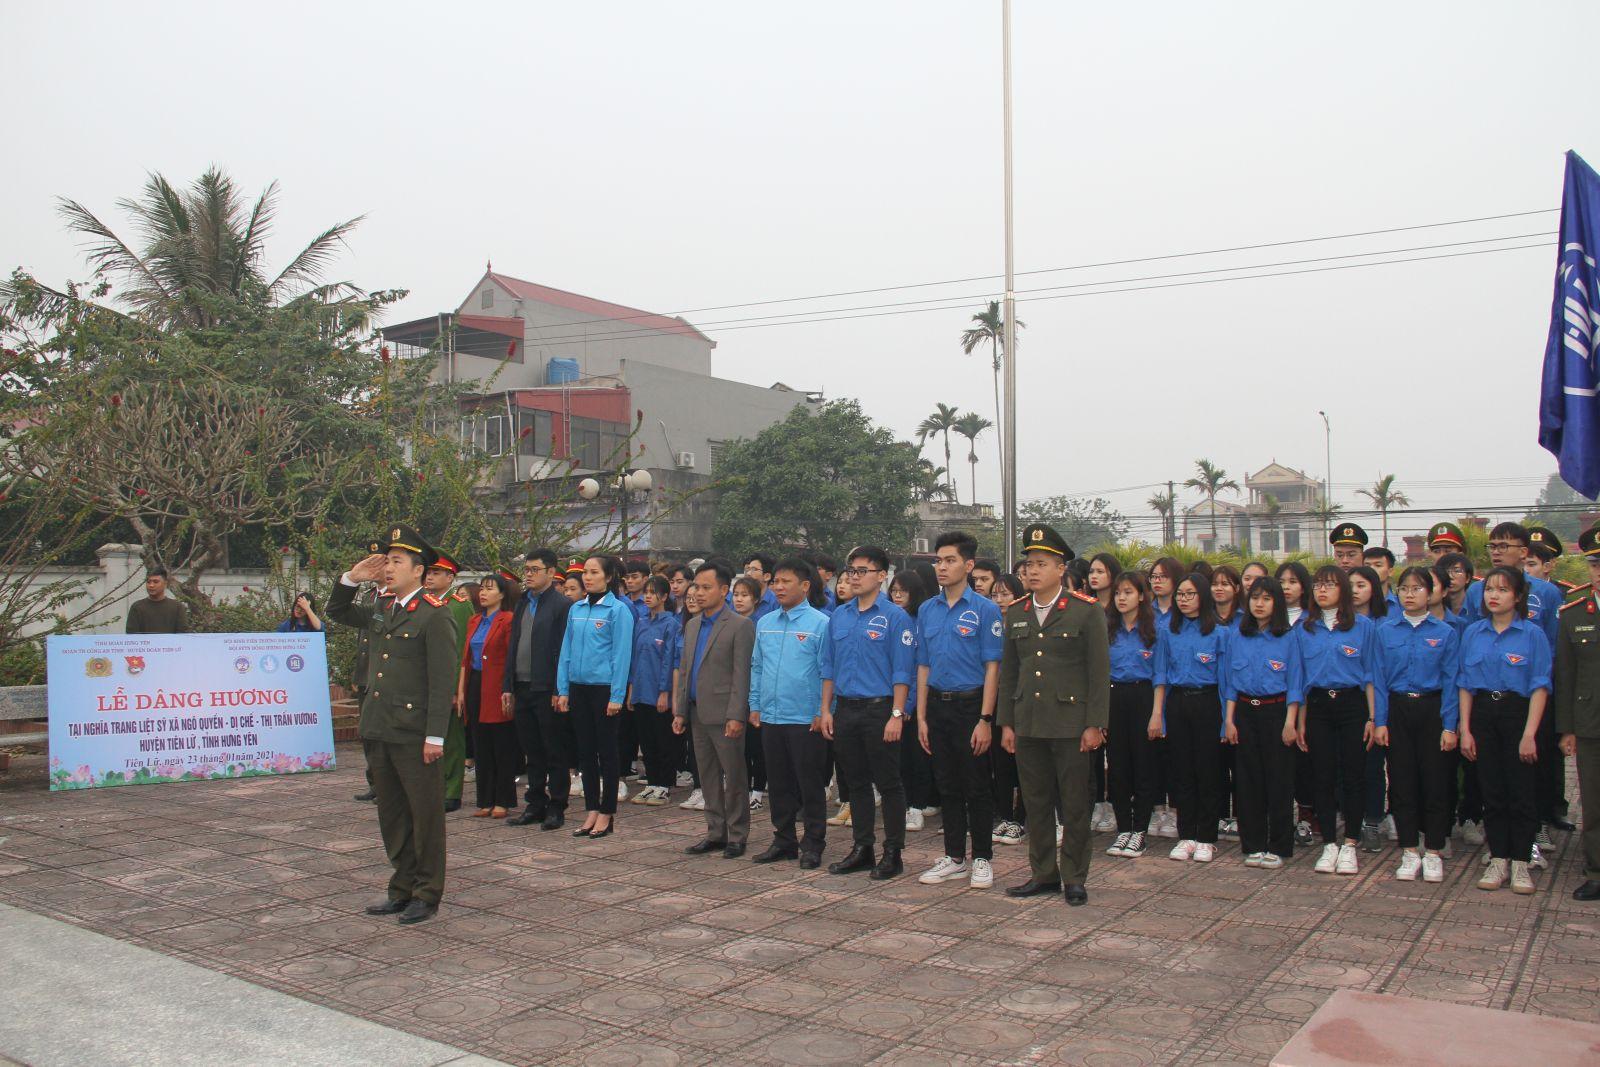 Đoàn thanh niên Công an tỉnh phối hợp tổ chức chuỗi các hoạt động  Tết yêu thương năm 2021 tại xã Ngô Quyền, huyện Tiên Lữ